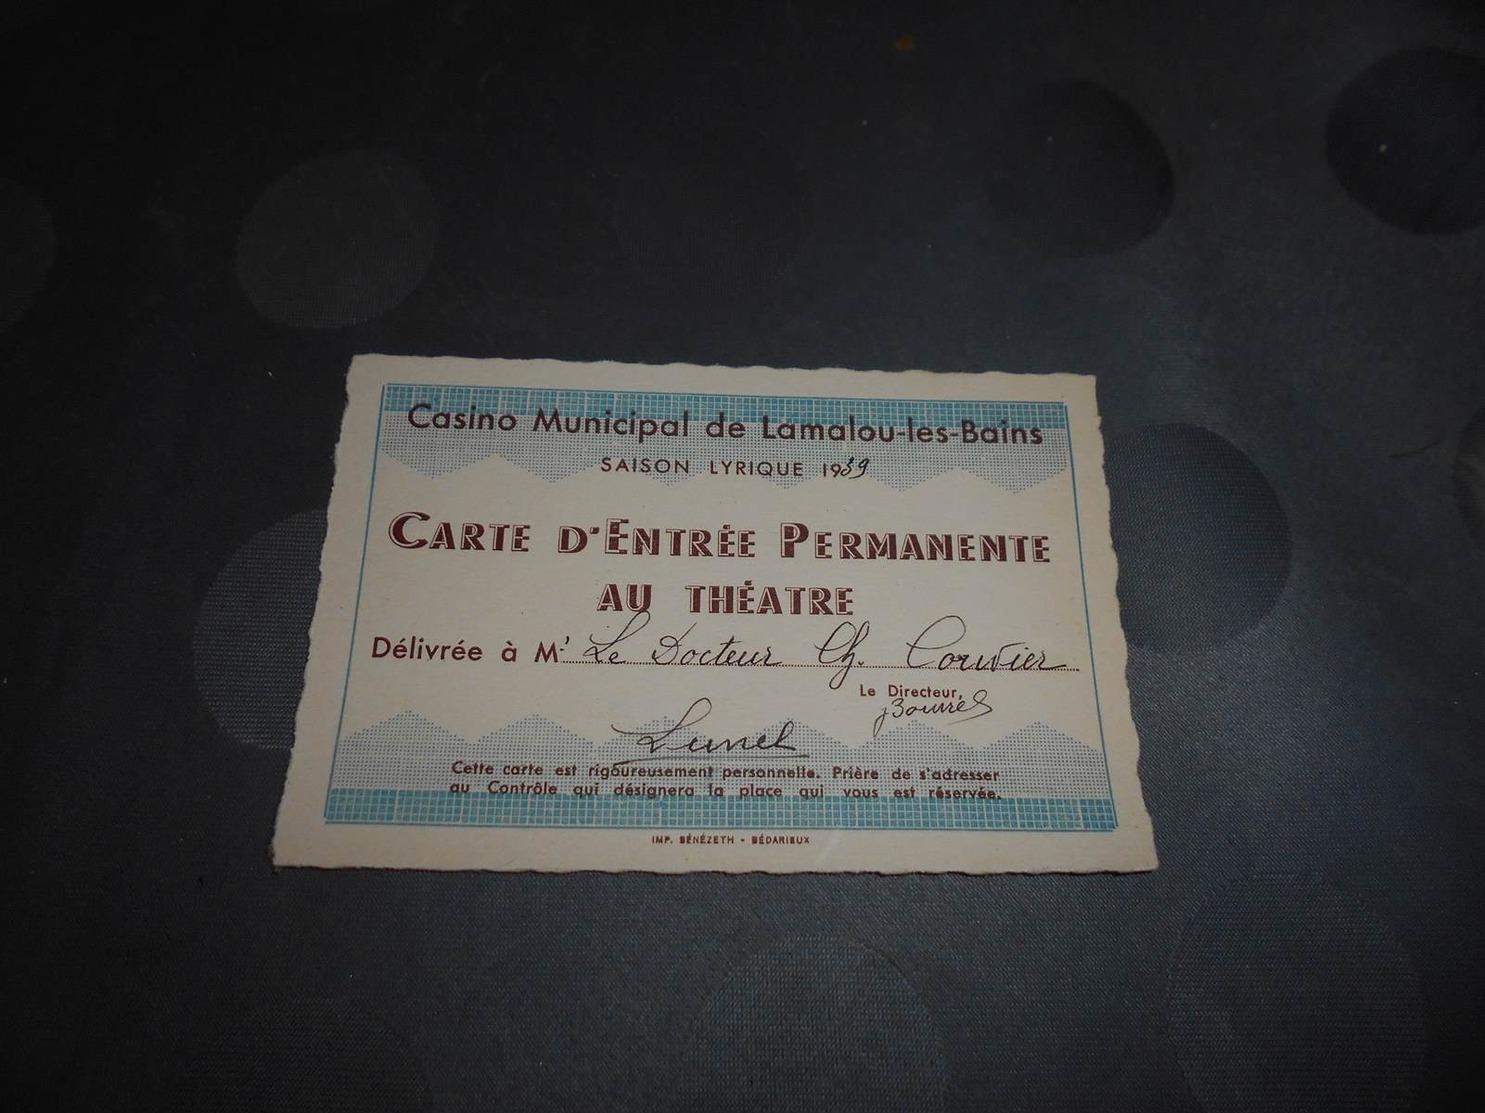 72 - Carte D'Entrée Permanente Au Théâtre Du Casino Municipal De Lamalou Les Bains, Saison 1939 - Historische Dokumente